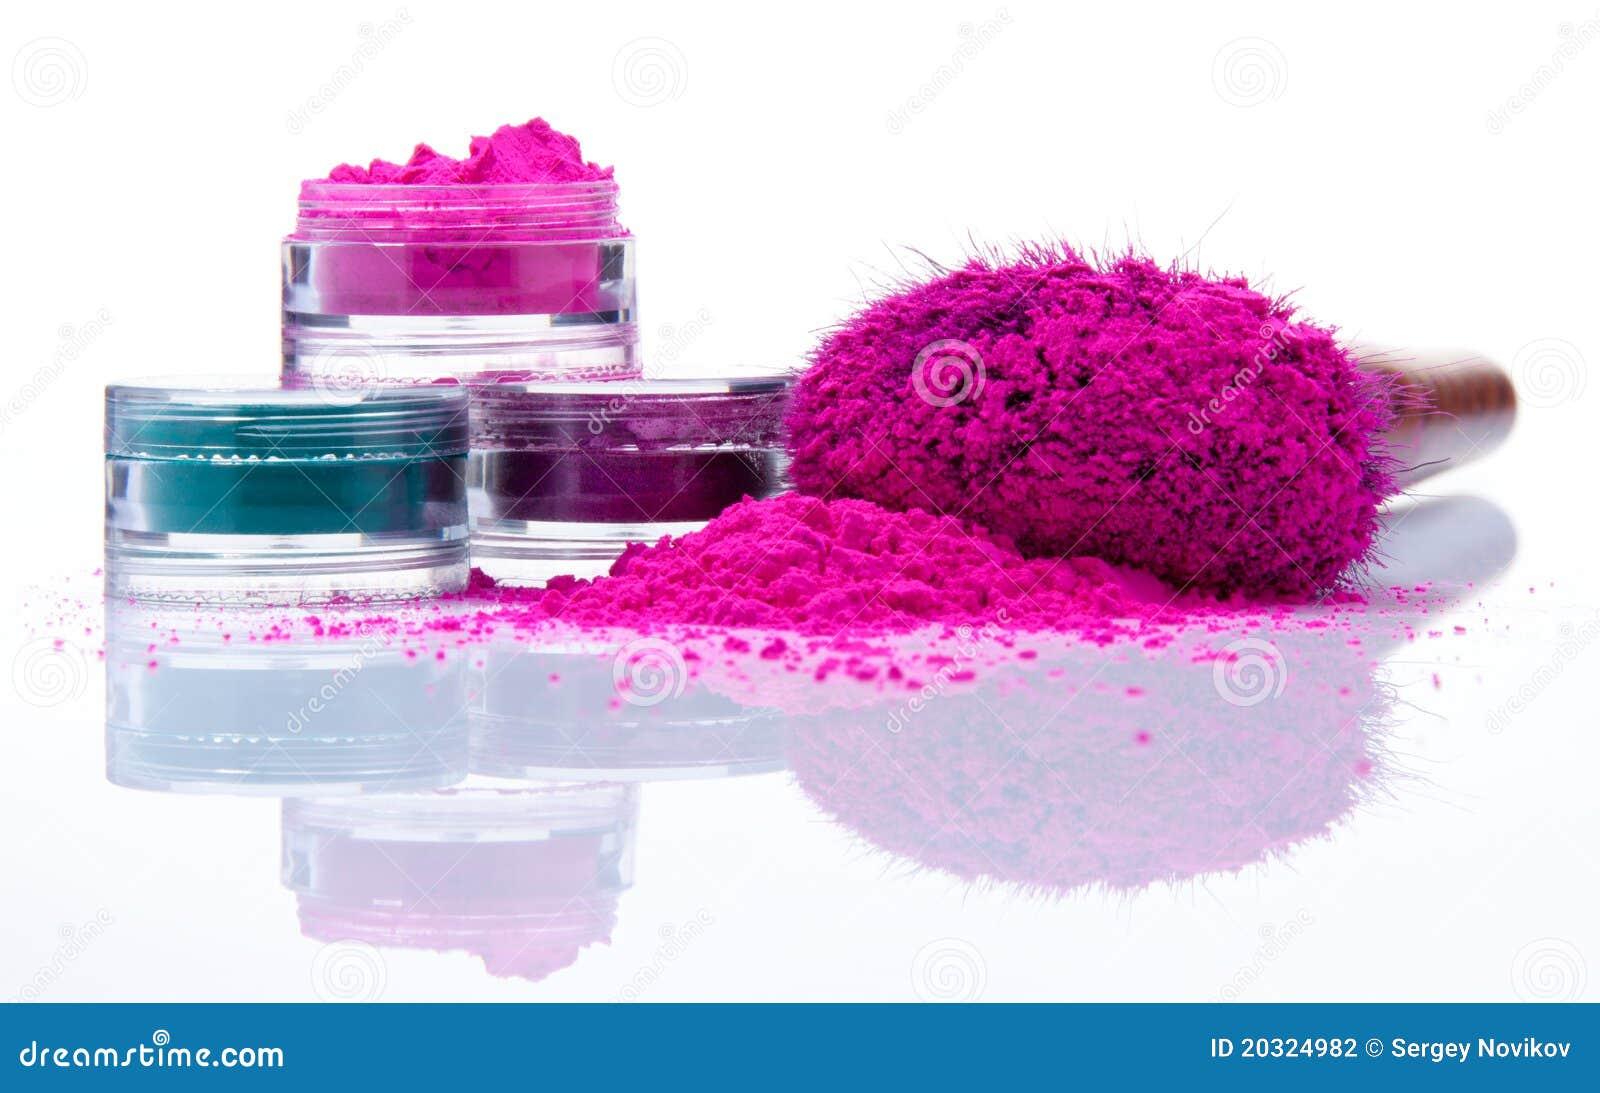 Polvo del maquillaje de diversos colores